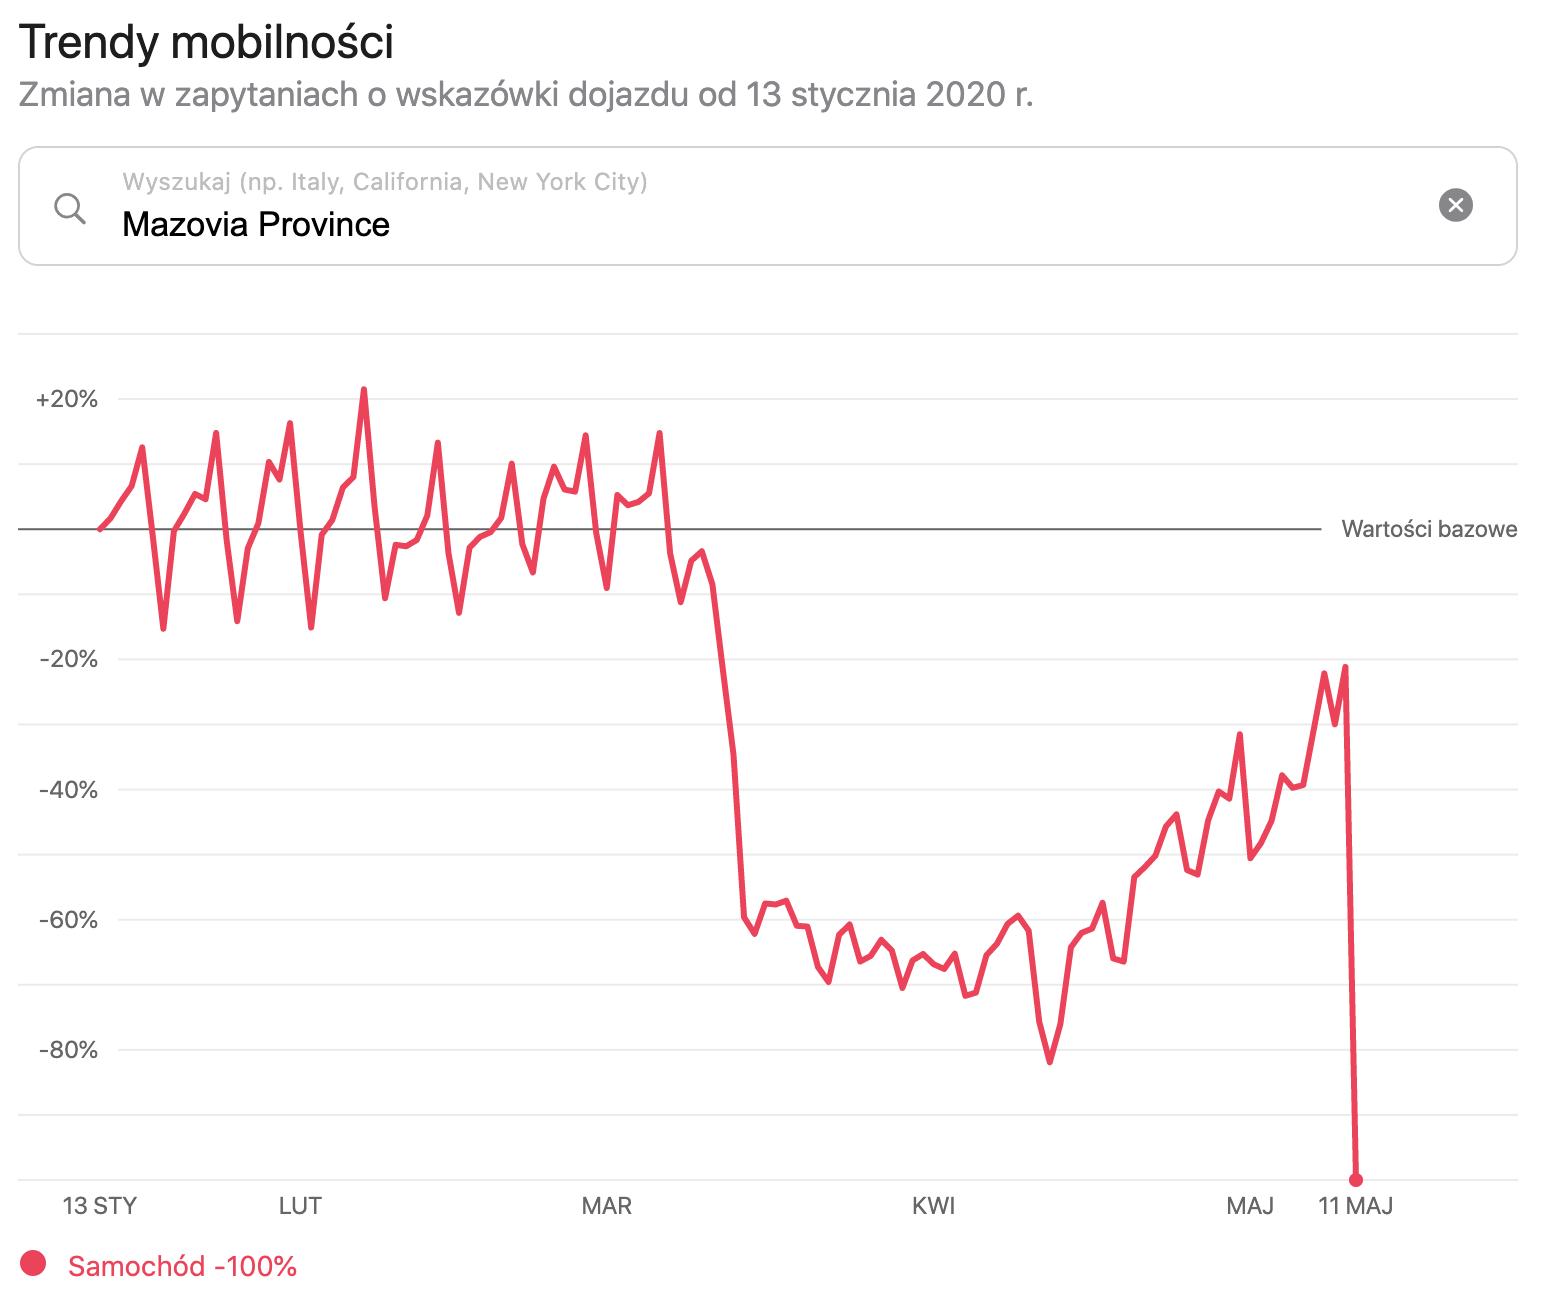 Trendy mobilności Apple: woj. mazowieckie